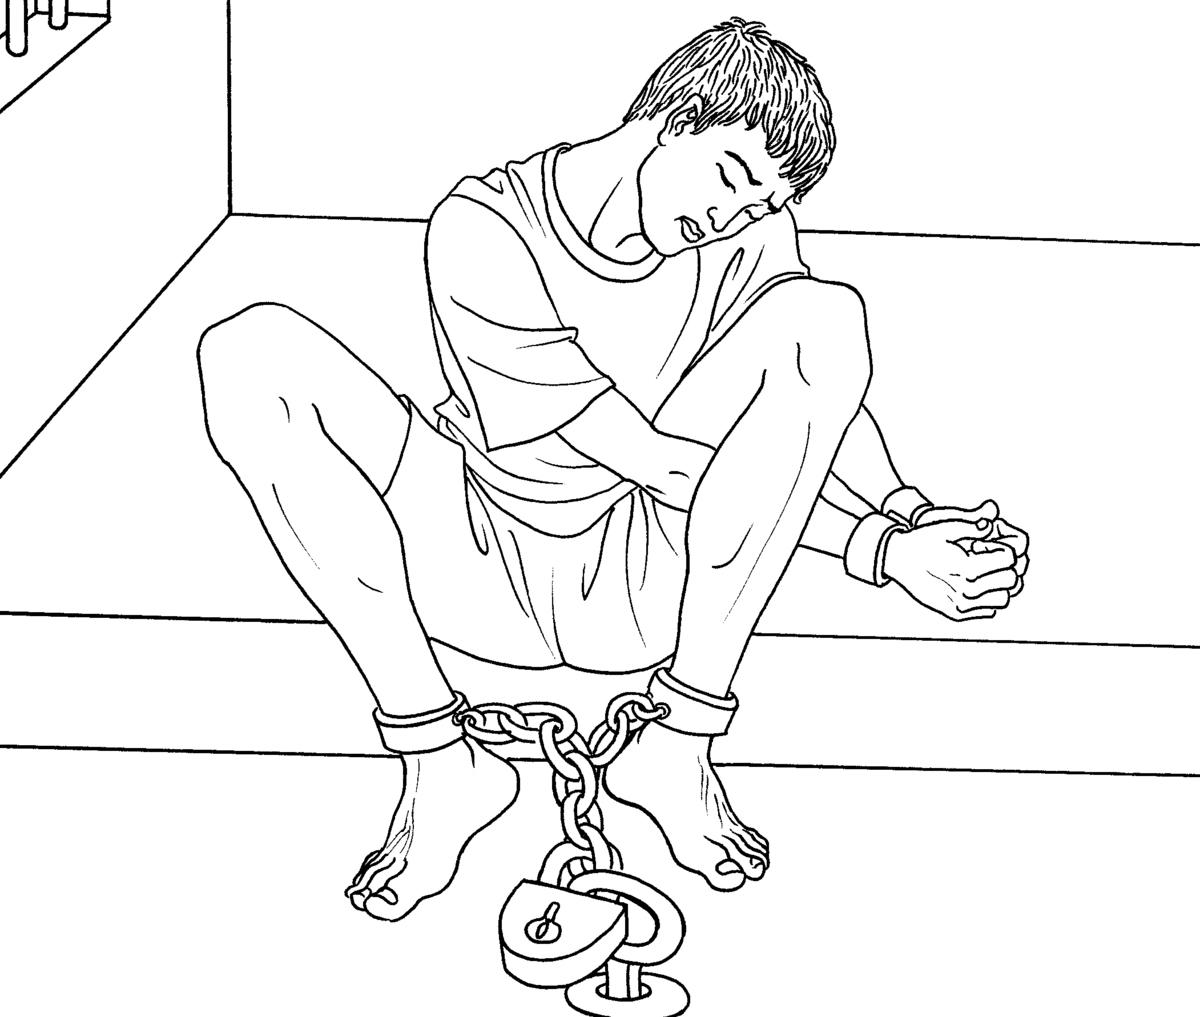 法輪功賴志強在冀東二監獄被迫害的生命垂危,處於植物人狀態,還被銬著重重的腳鐐。圖為中共酷刑示意圖:手銬腳鐐(明慧網)